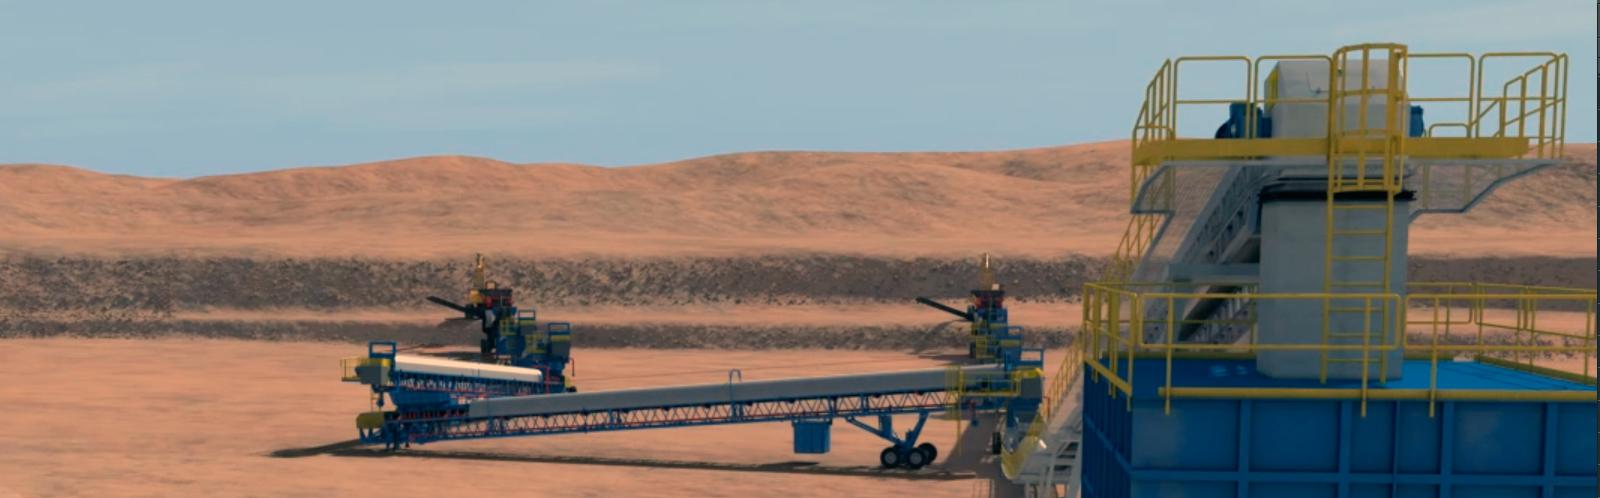 planta-de-extracción-de-minerales